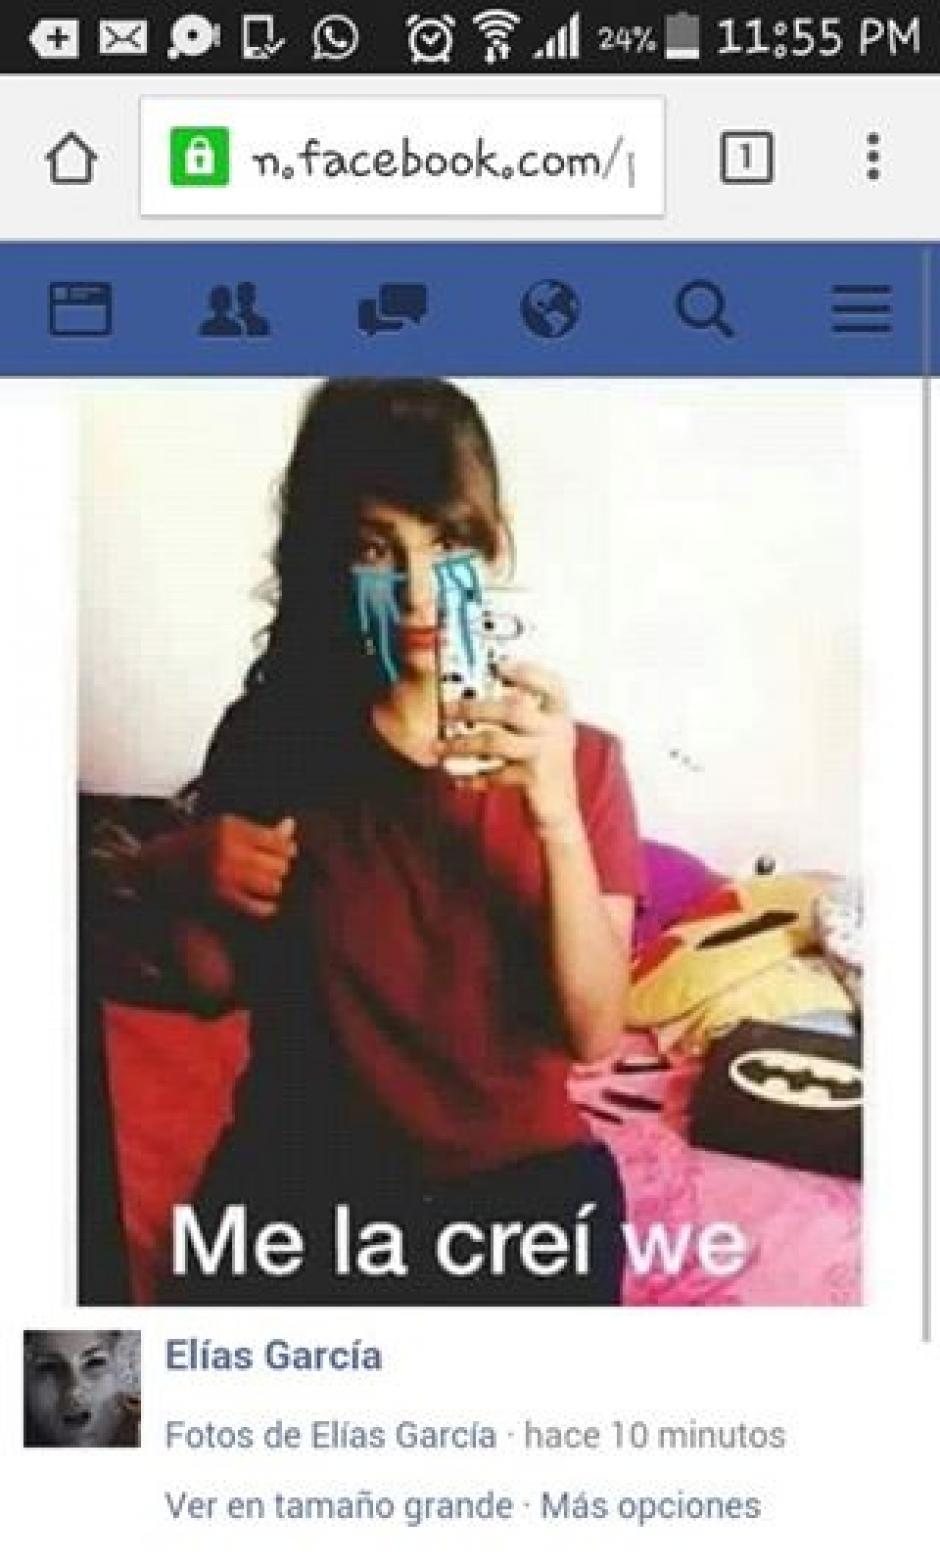 Una joven apareció y fingió ser la chica de la foto. (Imagen: sopitas.com)